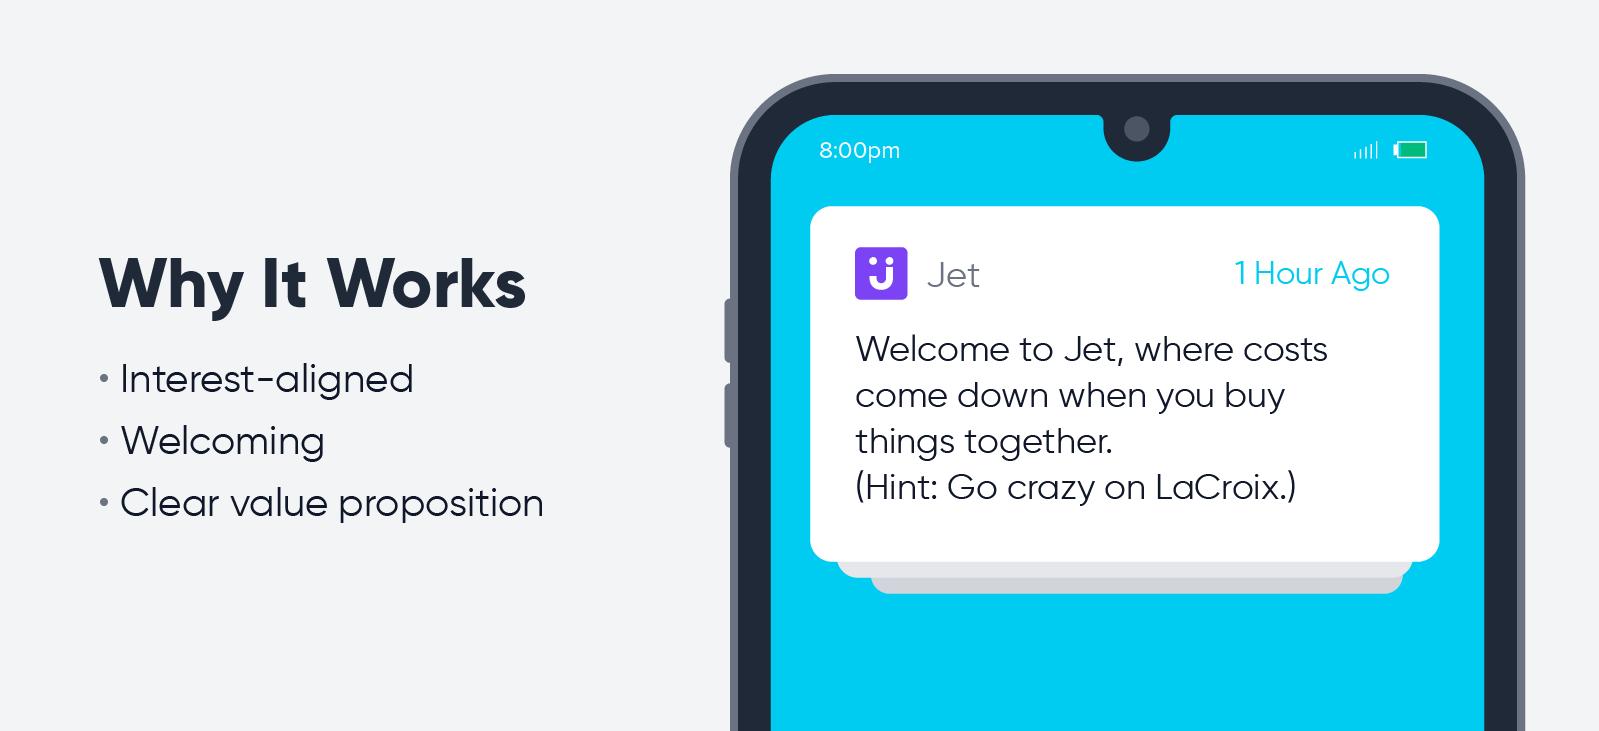 Jet - push notification best practices